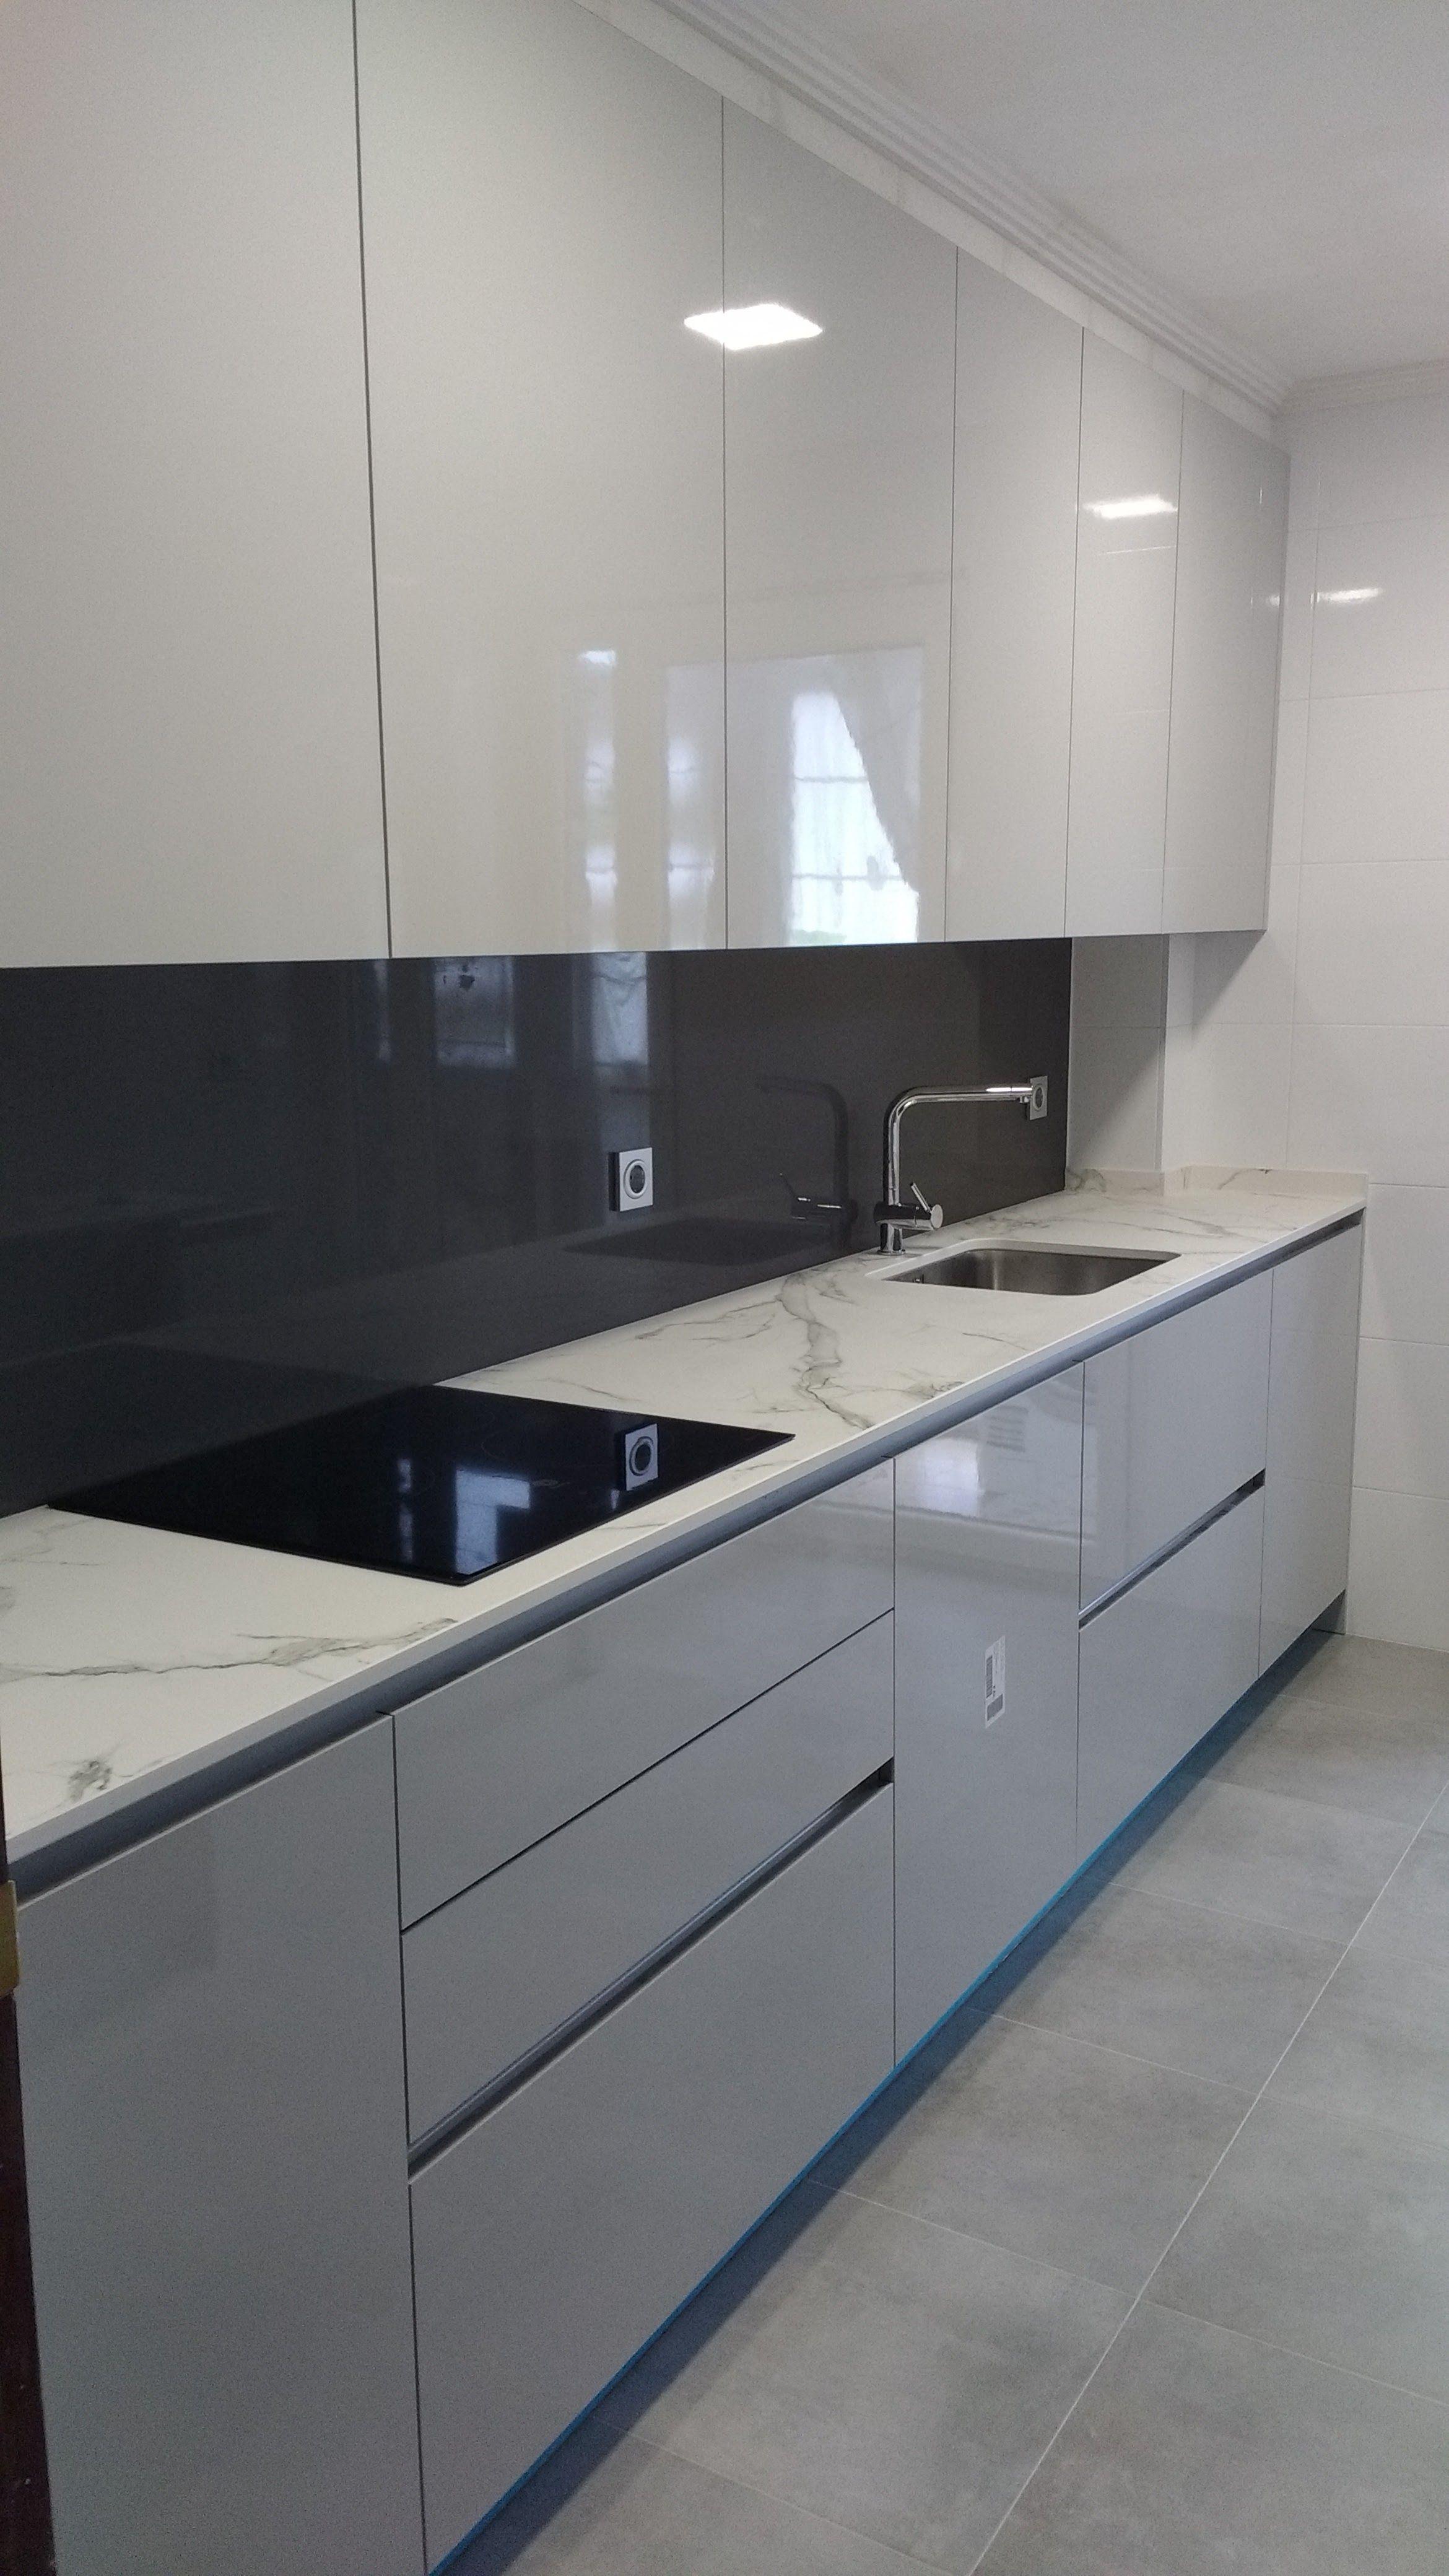 Foto 10 de Muebles de cocina y baño en Andoain | Tecnicocina